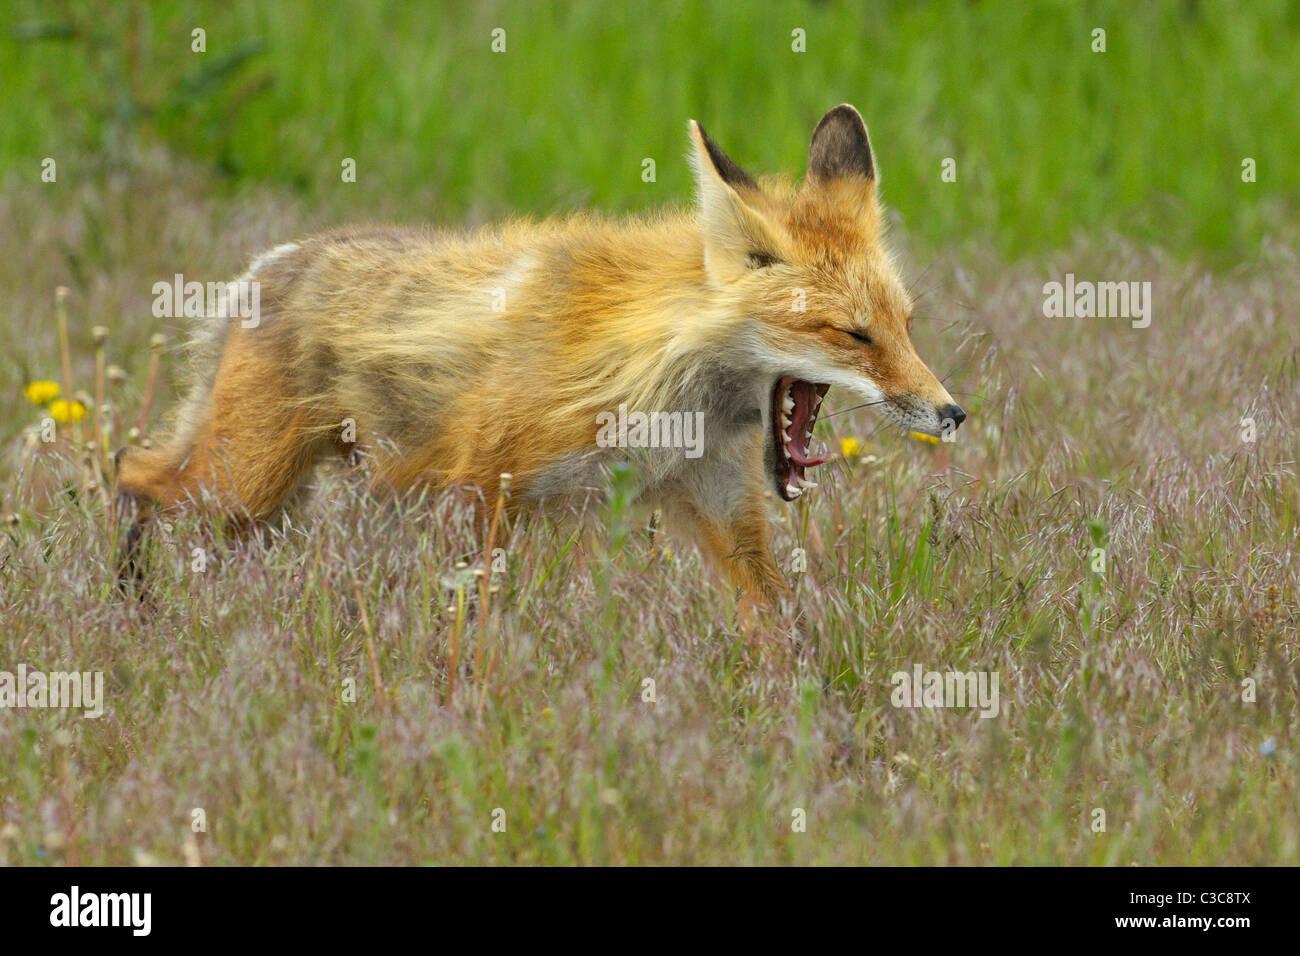 Bostezar y acecho zorro rojo Imagen De Stock